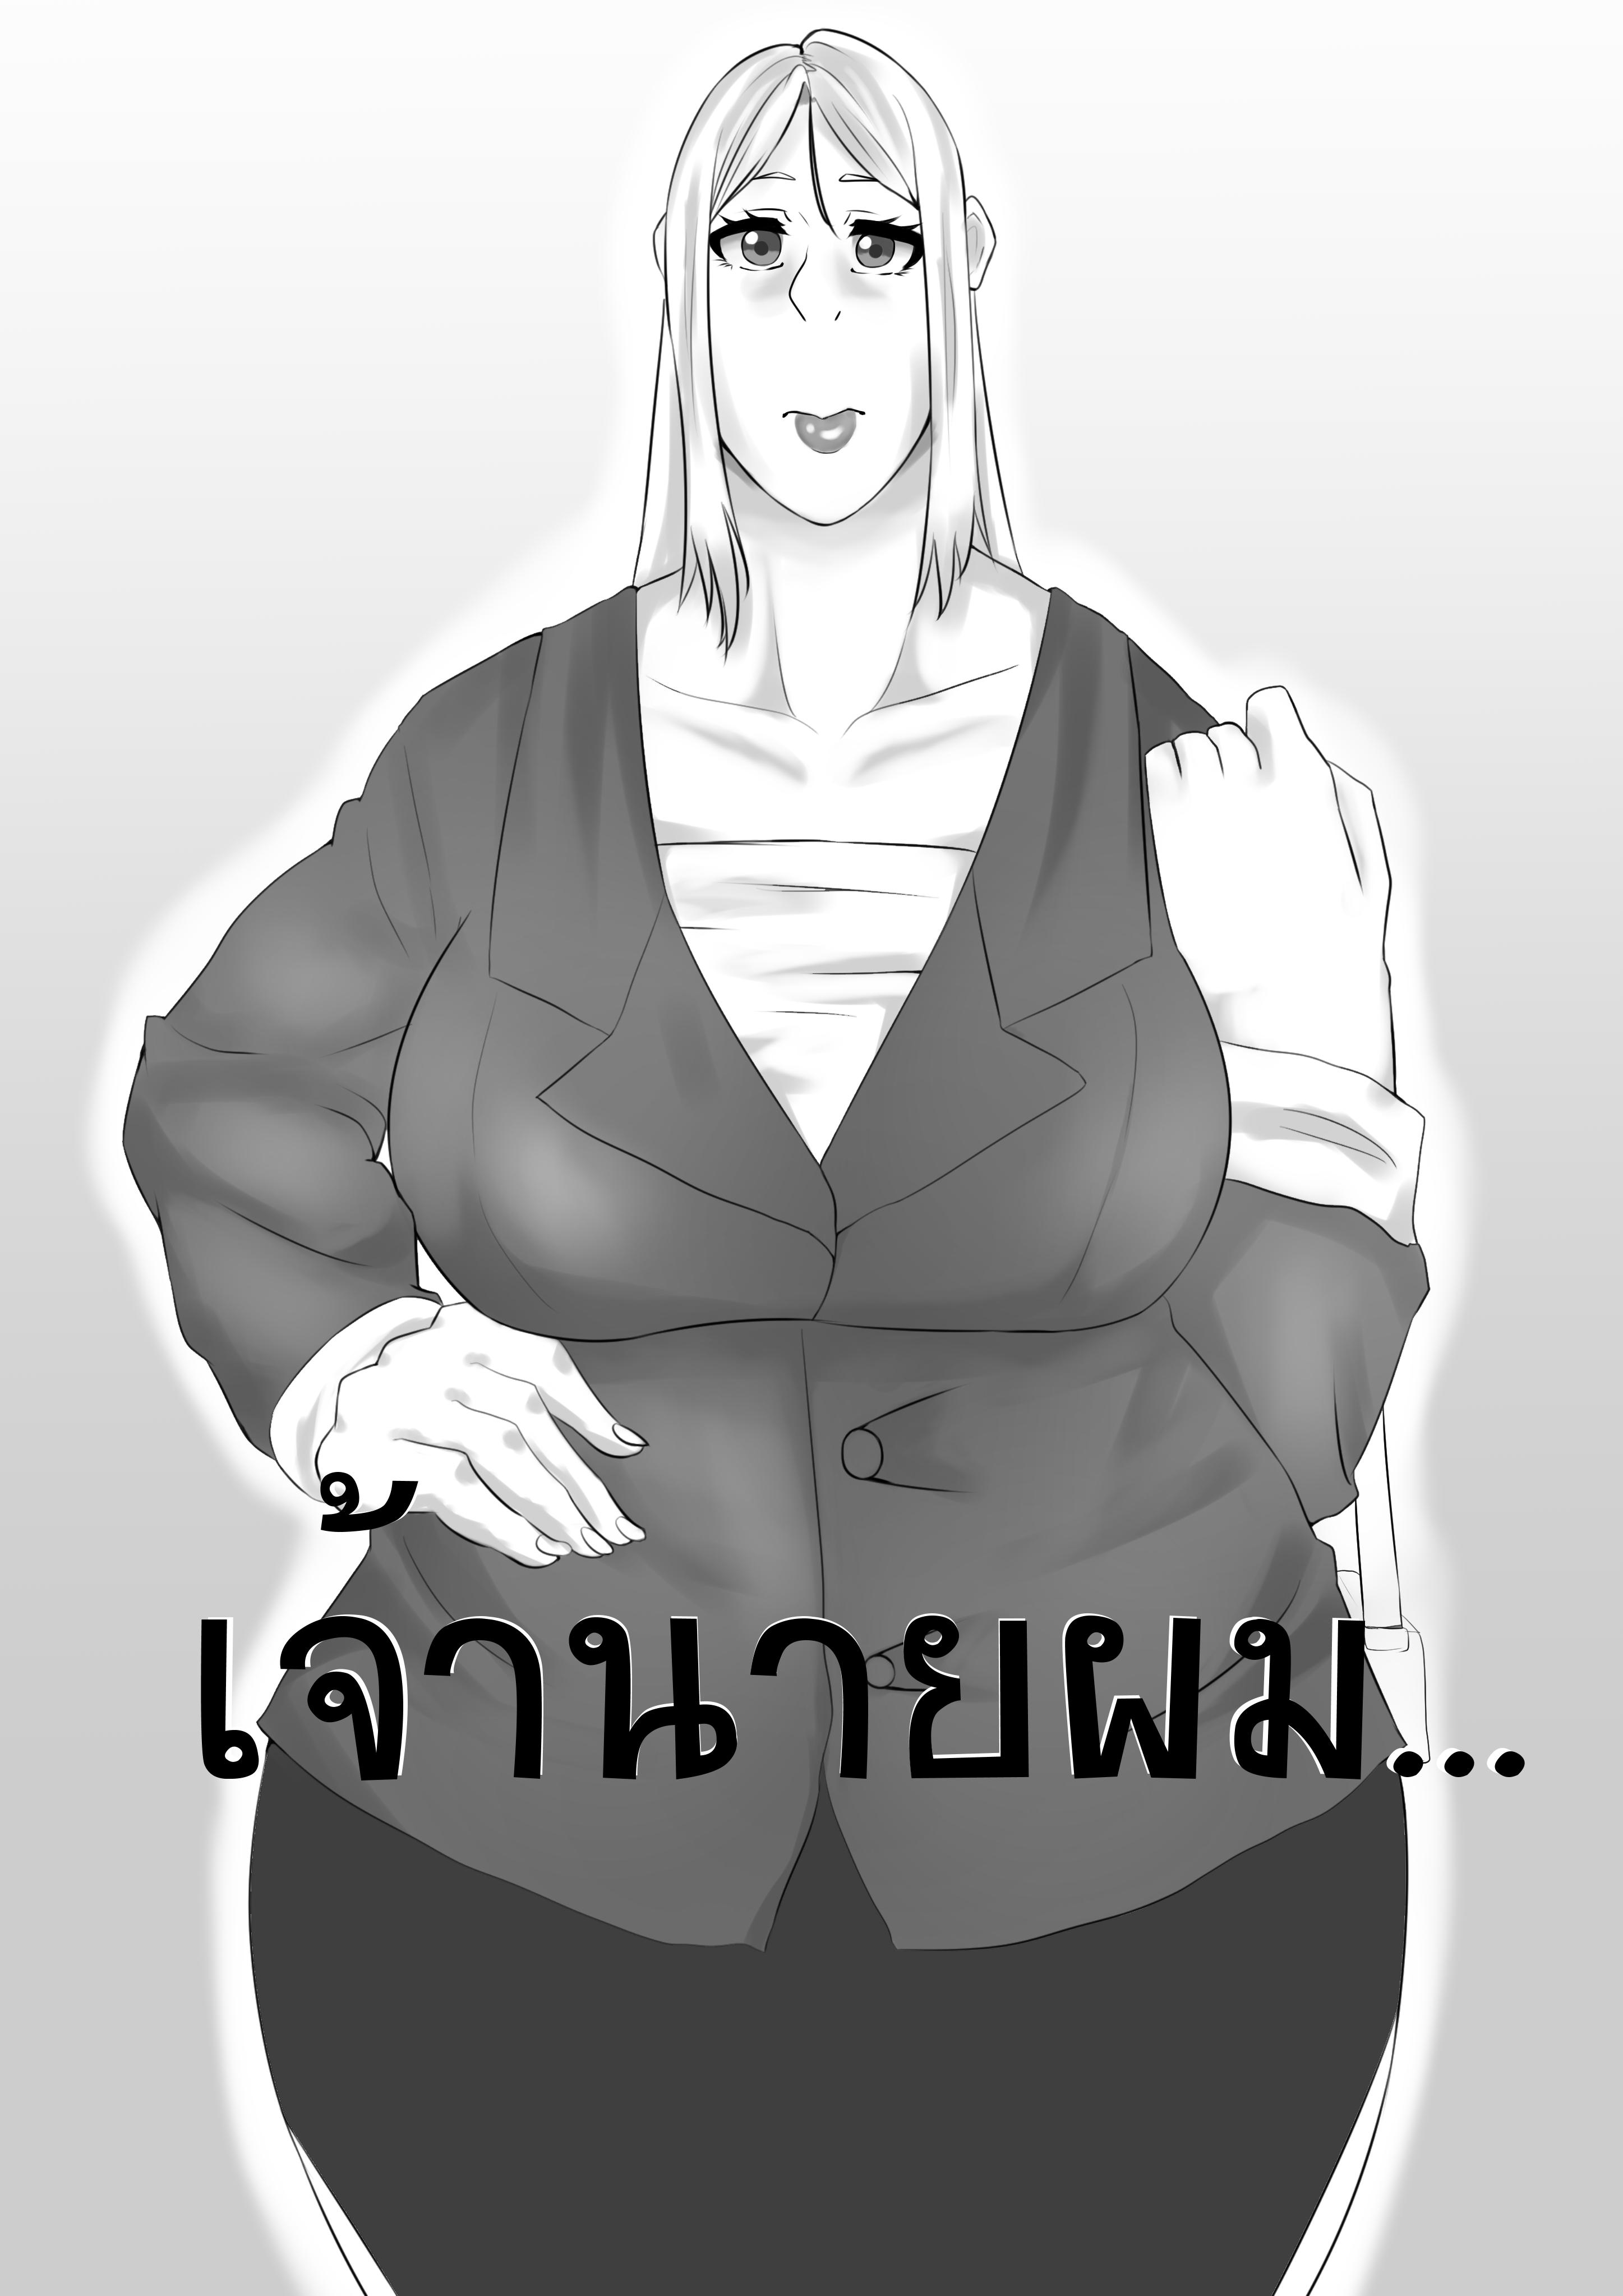 เจ้านายผม...